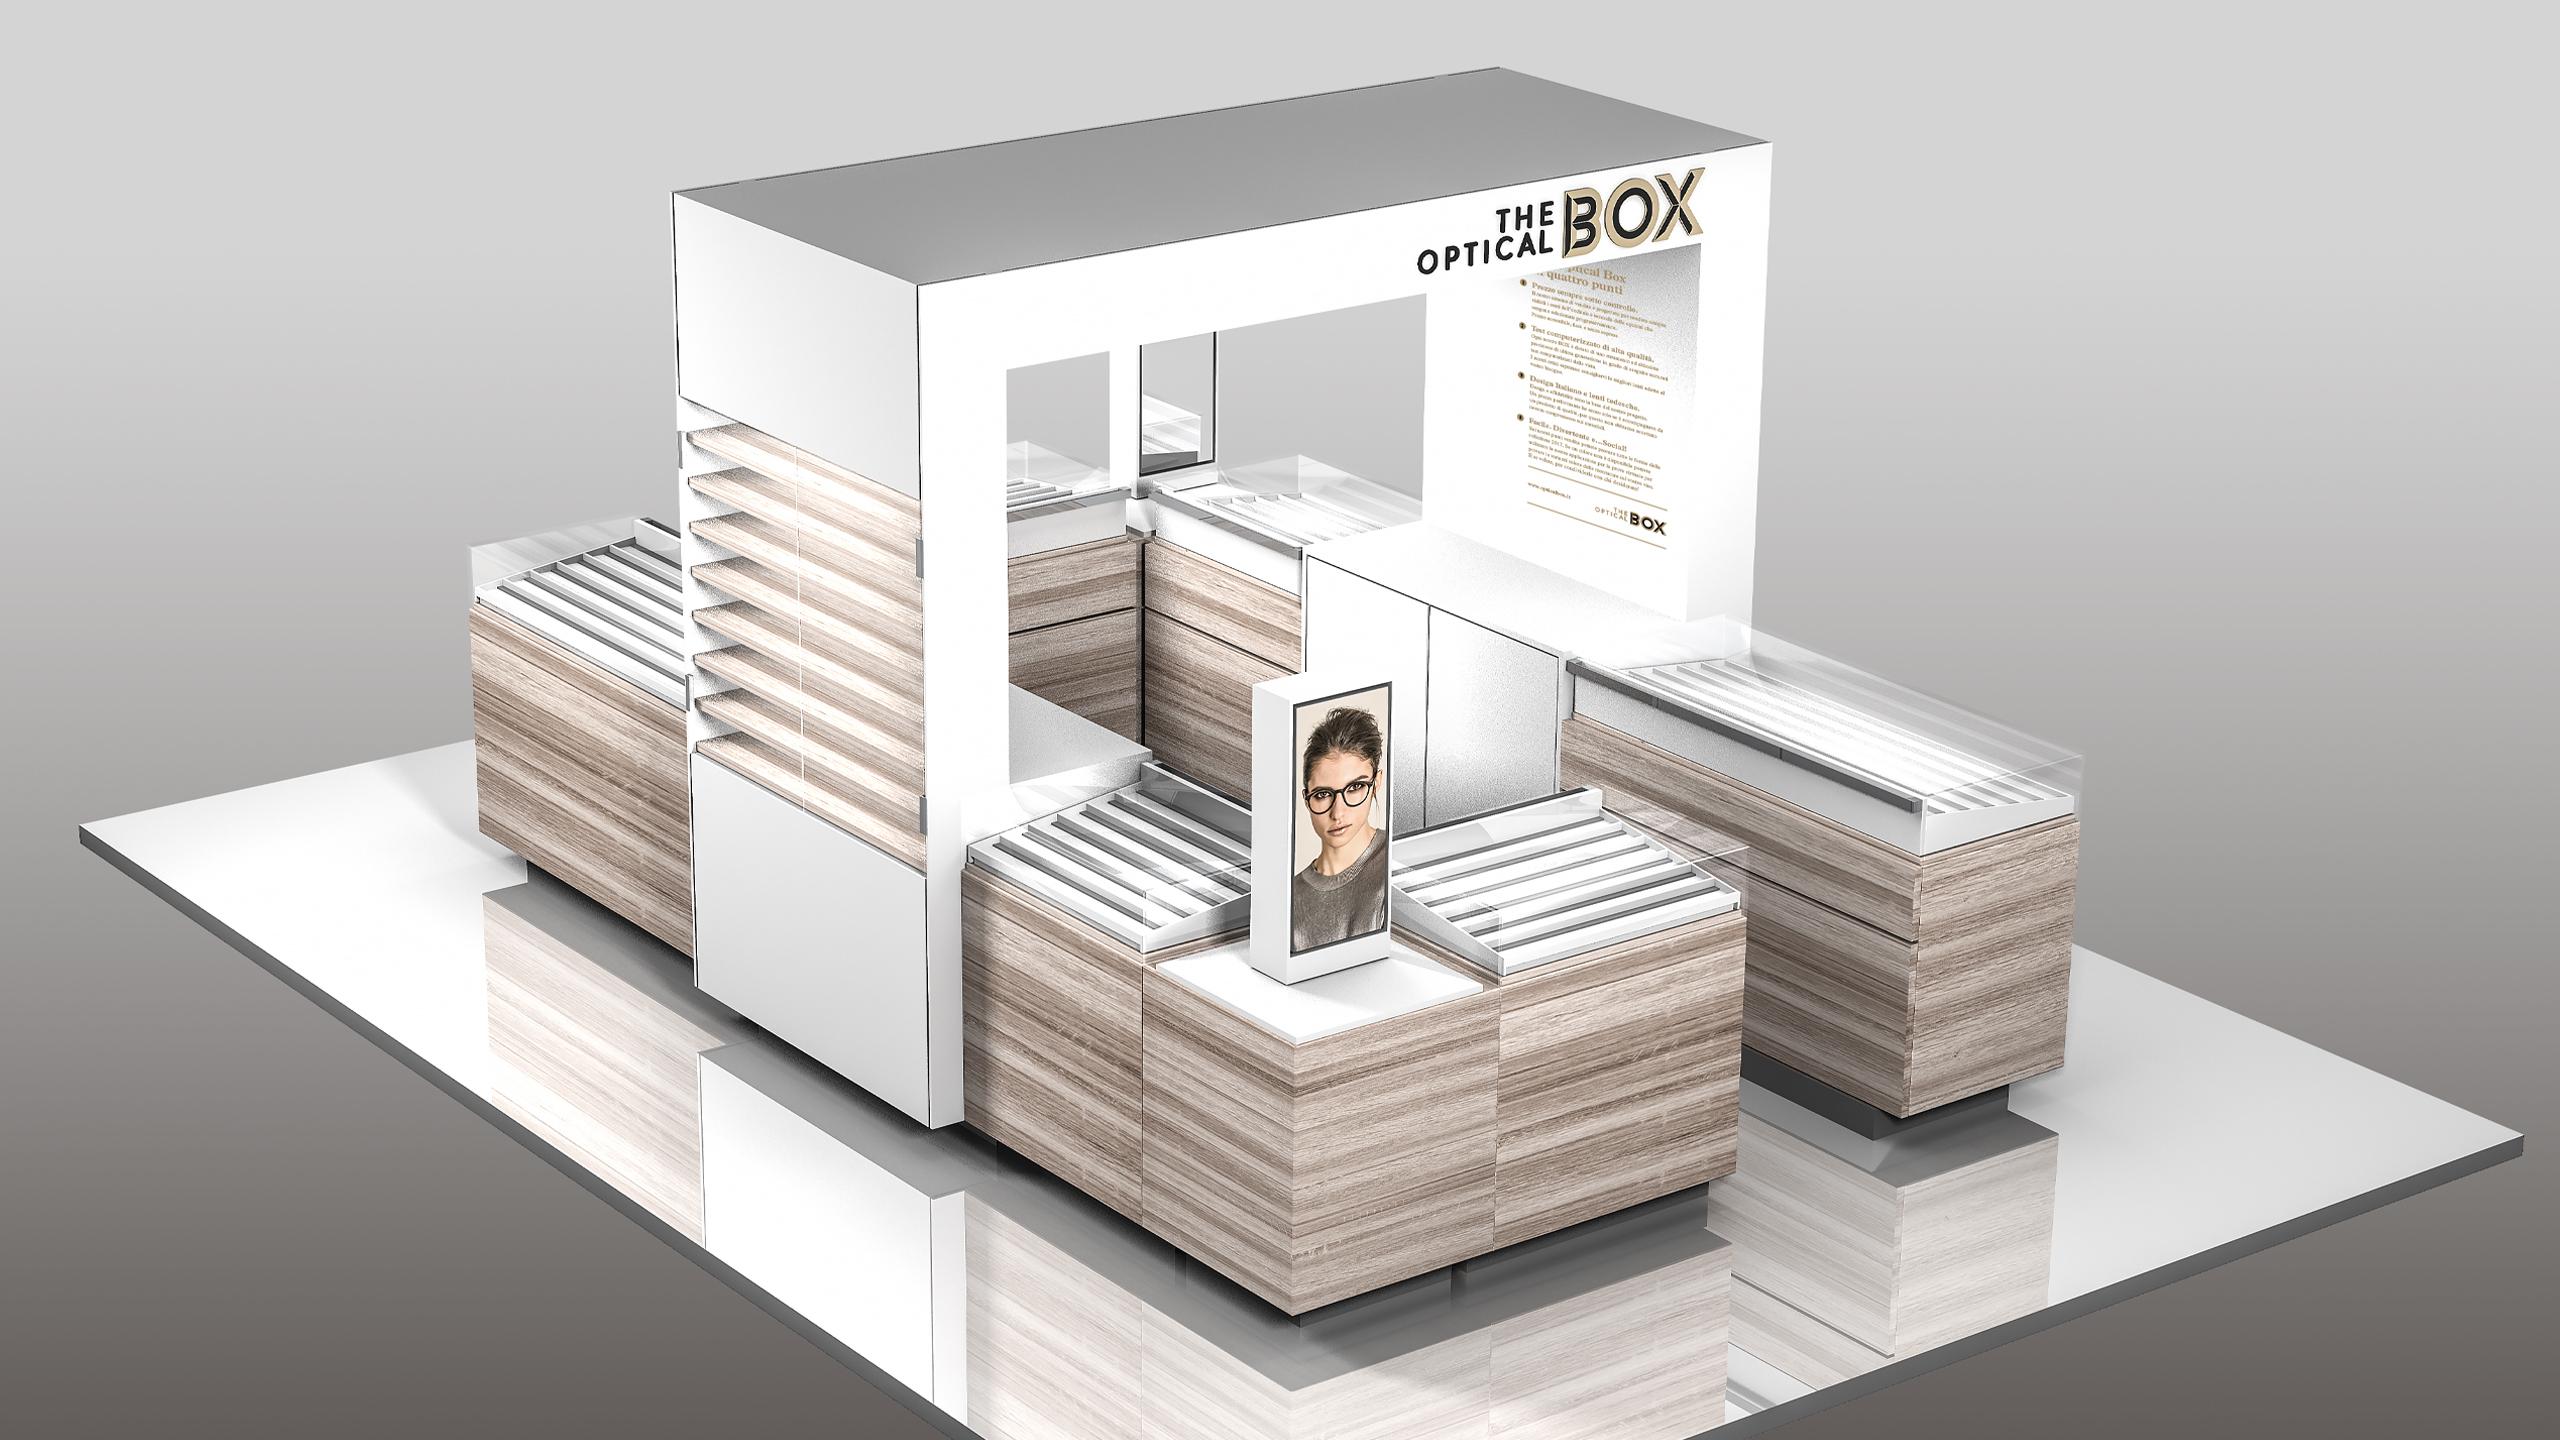 Optical Box